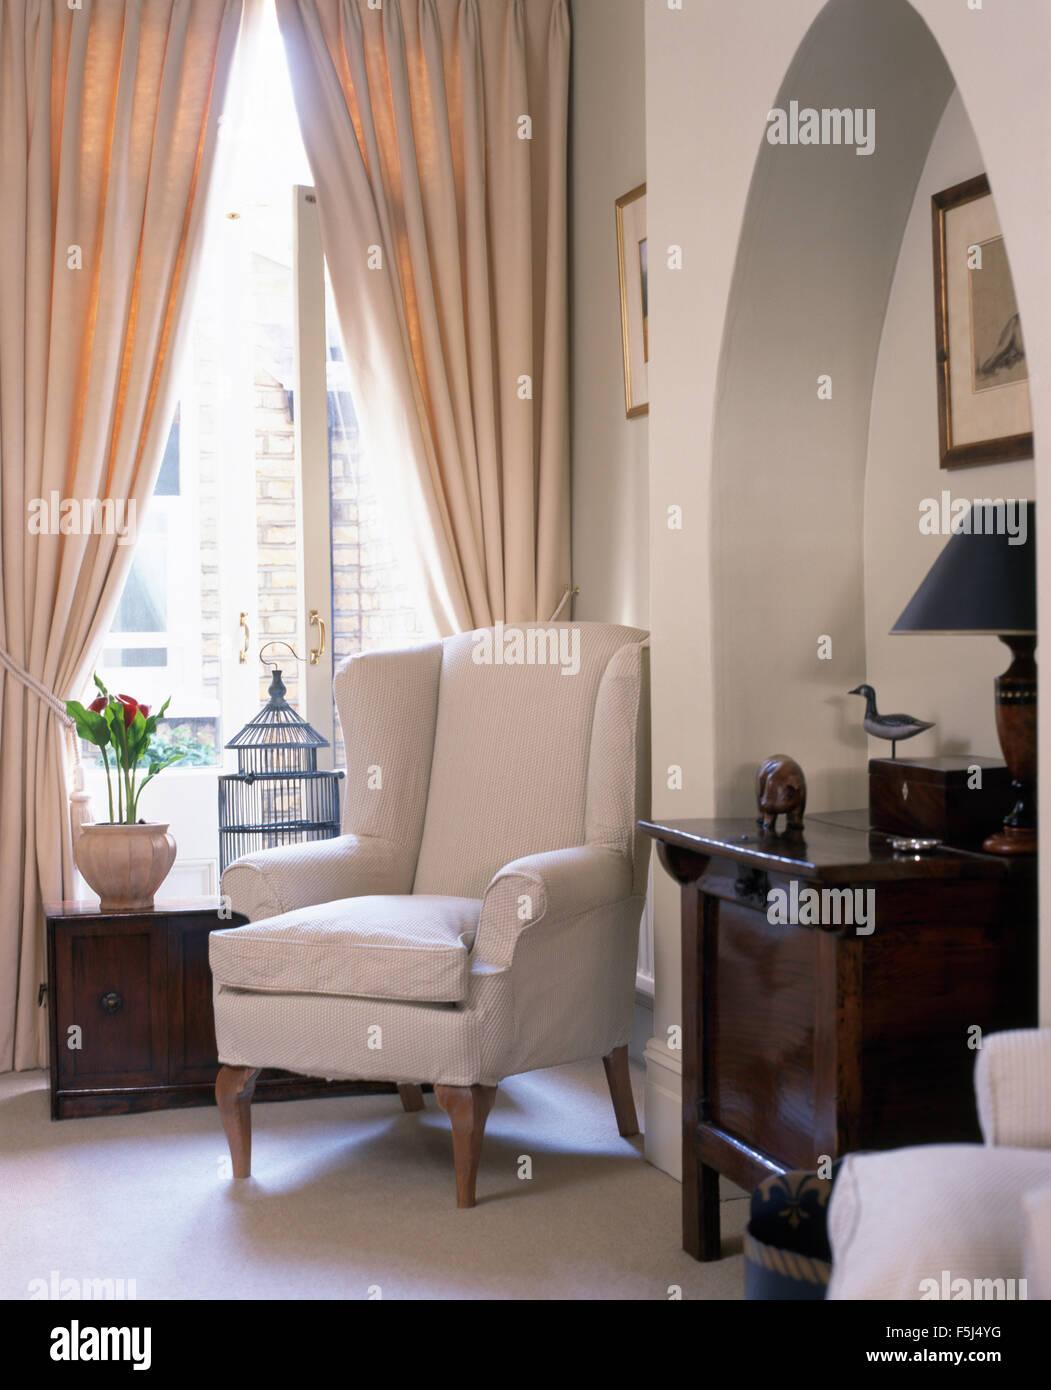 Fesselnd Weiße Ohrensessel Vor Fenster Mit Sahne Vorhänge In Stadthaus Wohnzimmer  Mit Eine Antike Truhe Im Alkoven